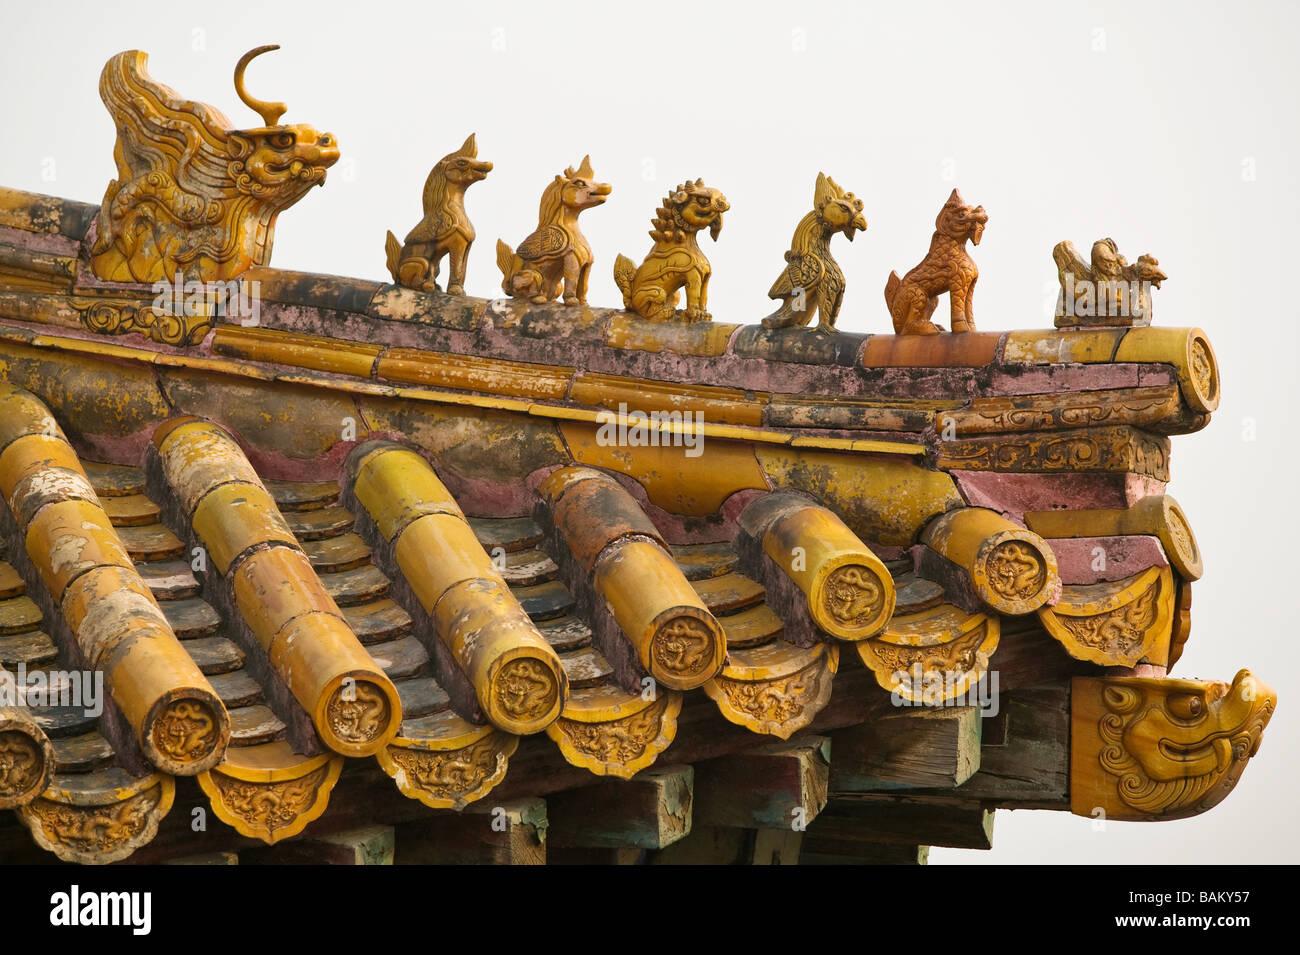 Roof in forbidden city beijing - Stock Image